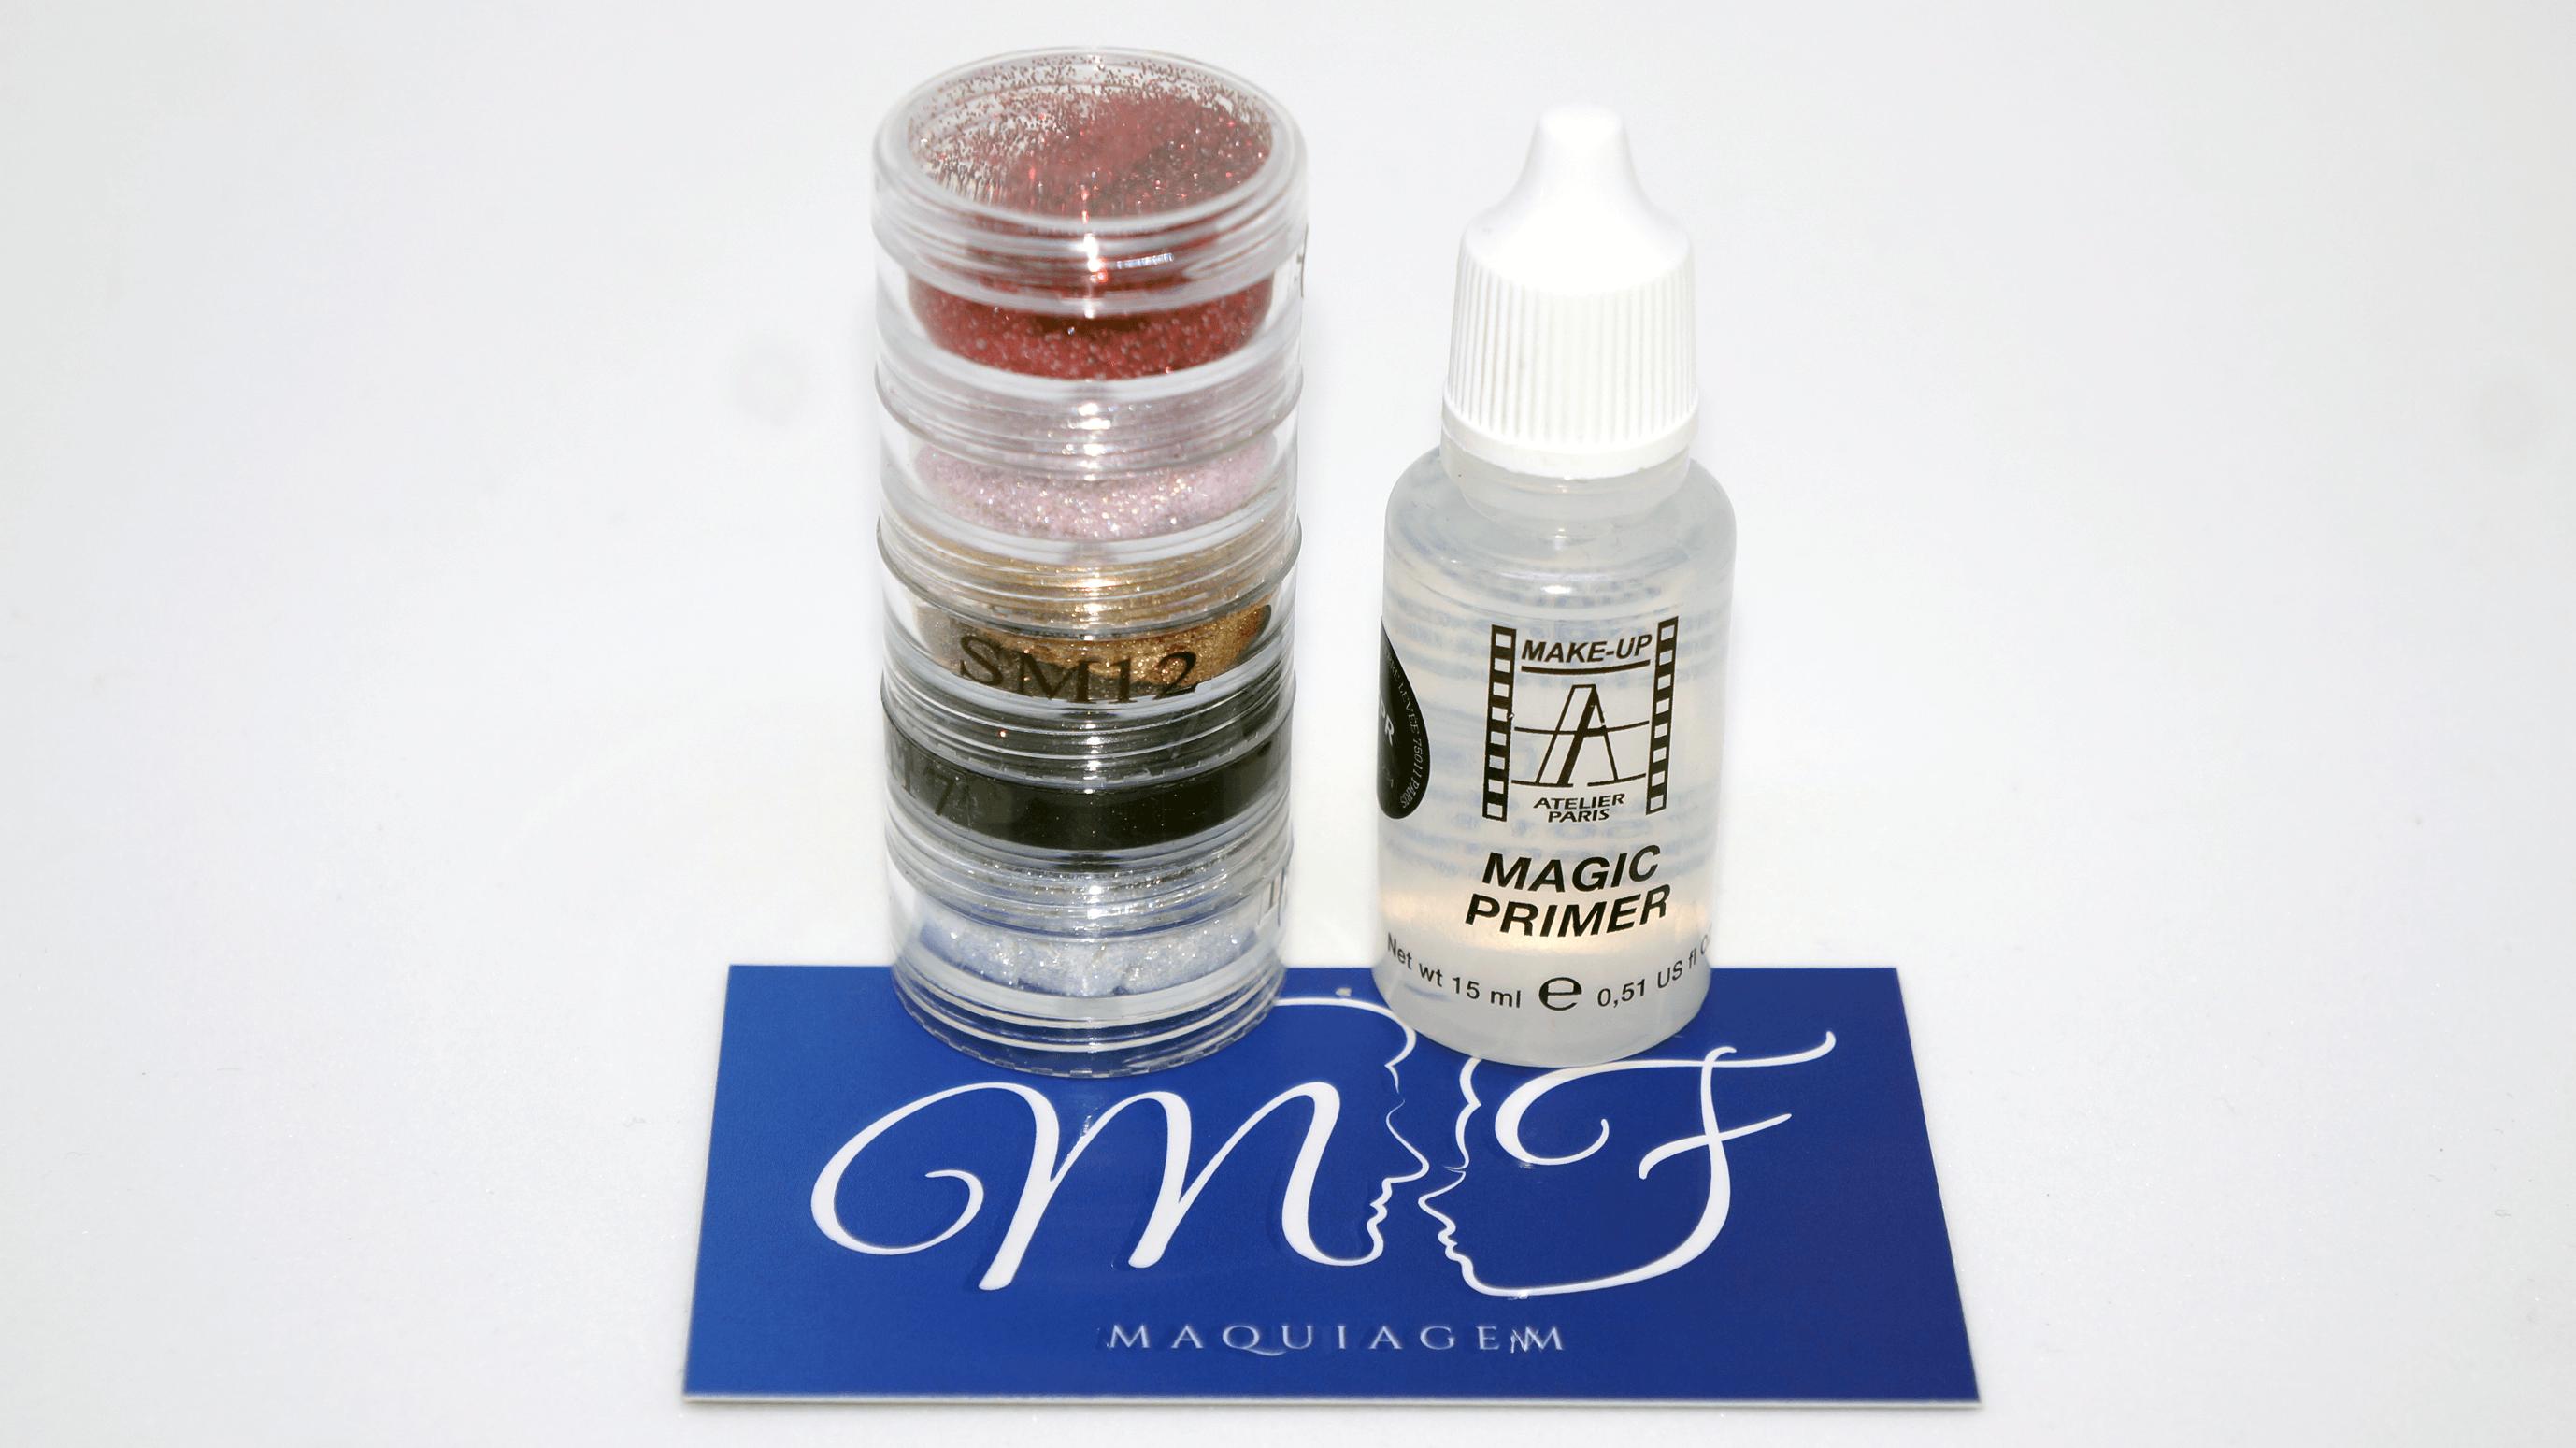 Compras na MF Maquiagem: torre com 5 glitters e Magic Primer da Make Up Atelier Paris com cartão de visita da MF Maquiagem.